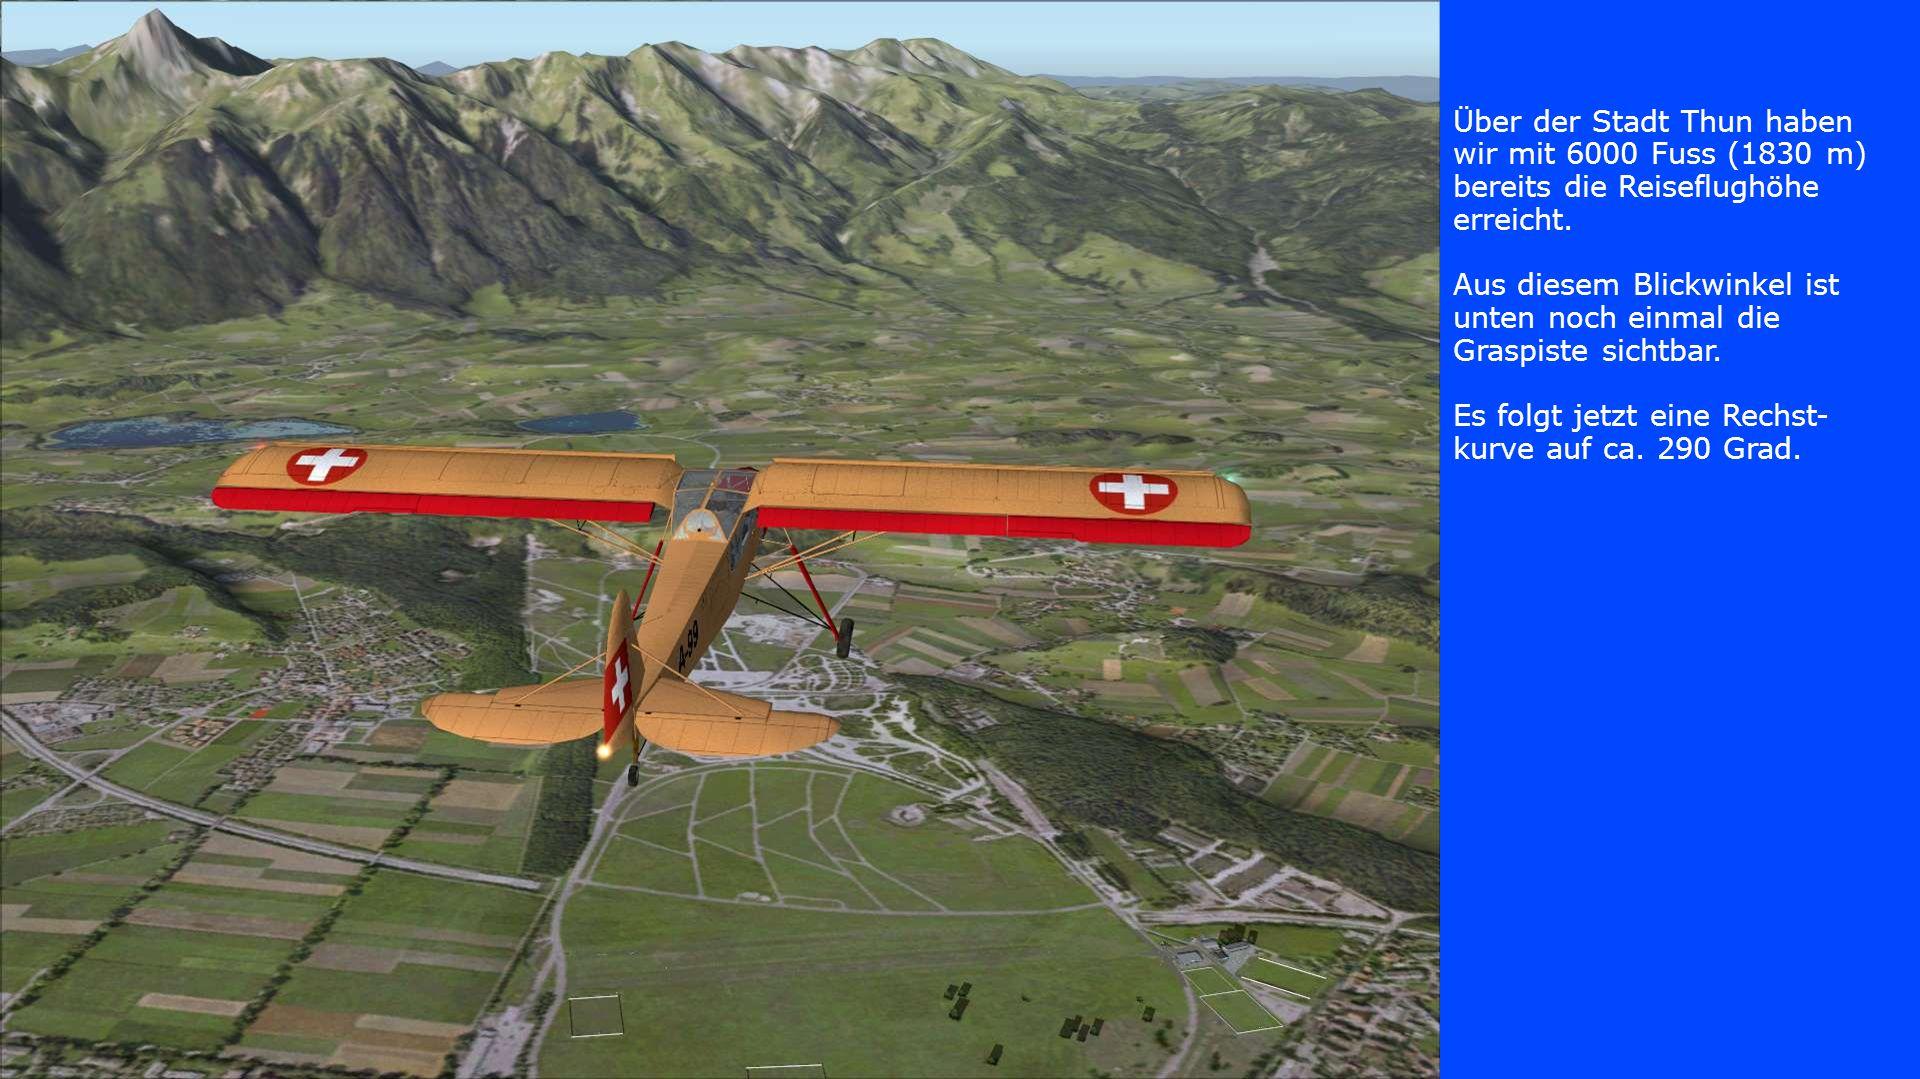 Über der Stadt Thun haben wir mit 6000 Fuss (1830 m) bereits die Reiseflughöhe erreicht.